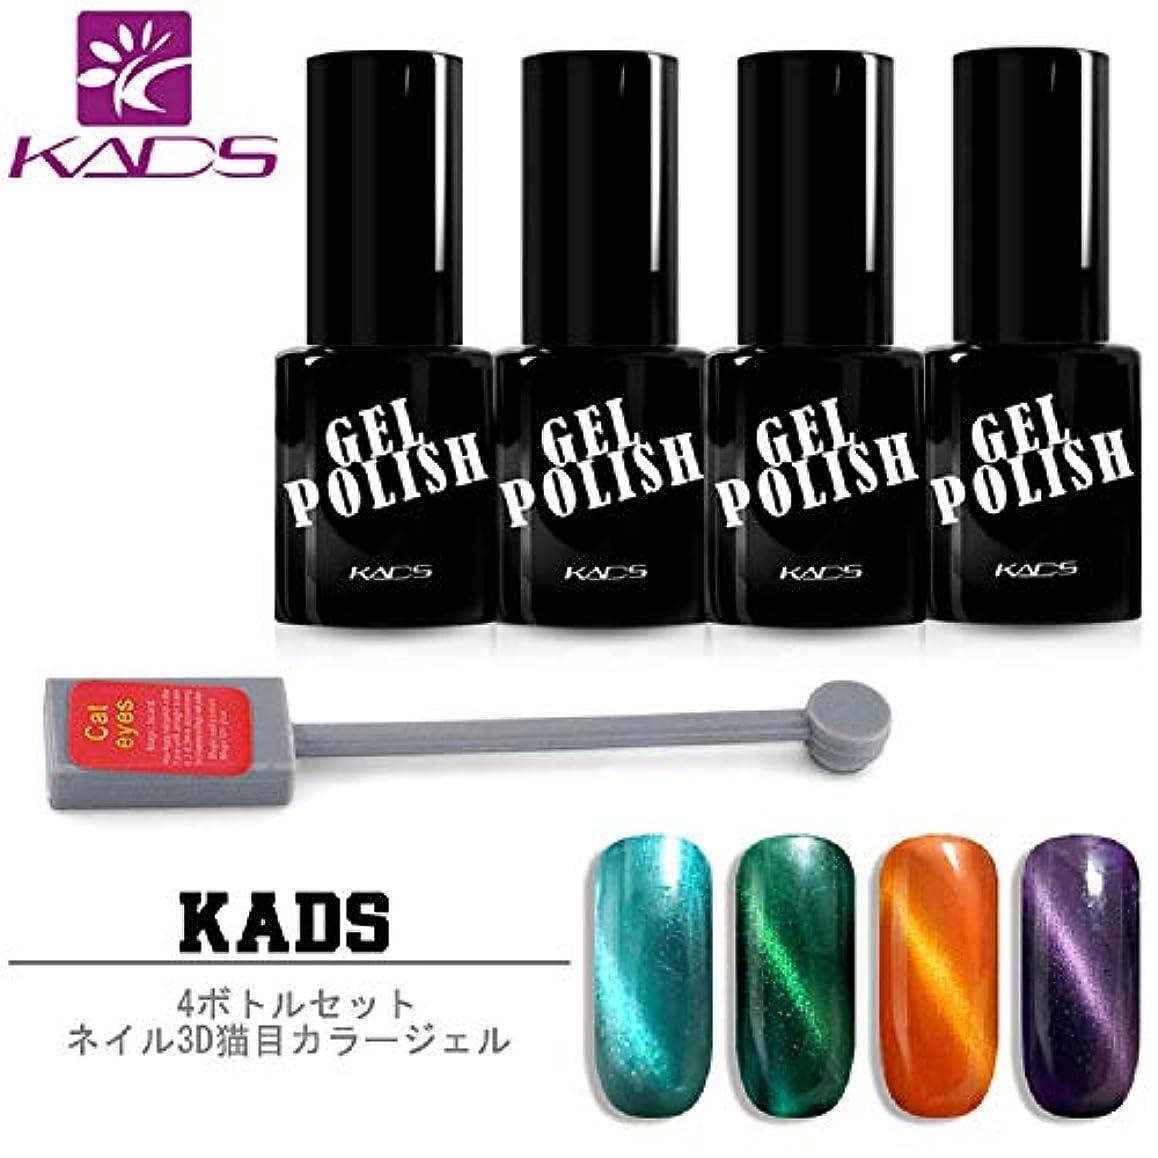 特性自発的最高KADS キャッツアイジェル ジェルネイル カラーポリッシュ 4色セット 猫目 UV/LED対応 マグネット 磁石付き マニキュアセット (セット2)